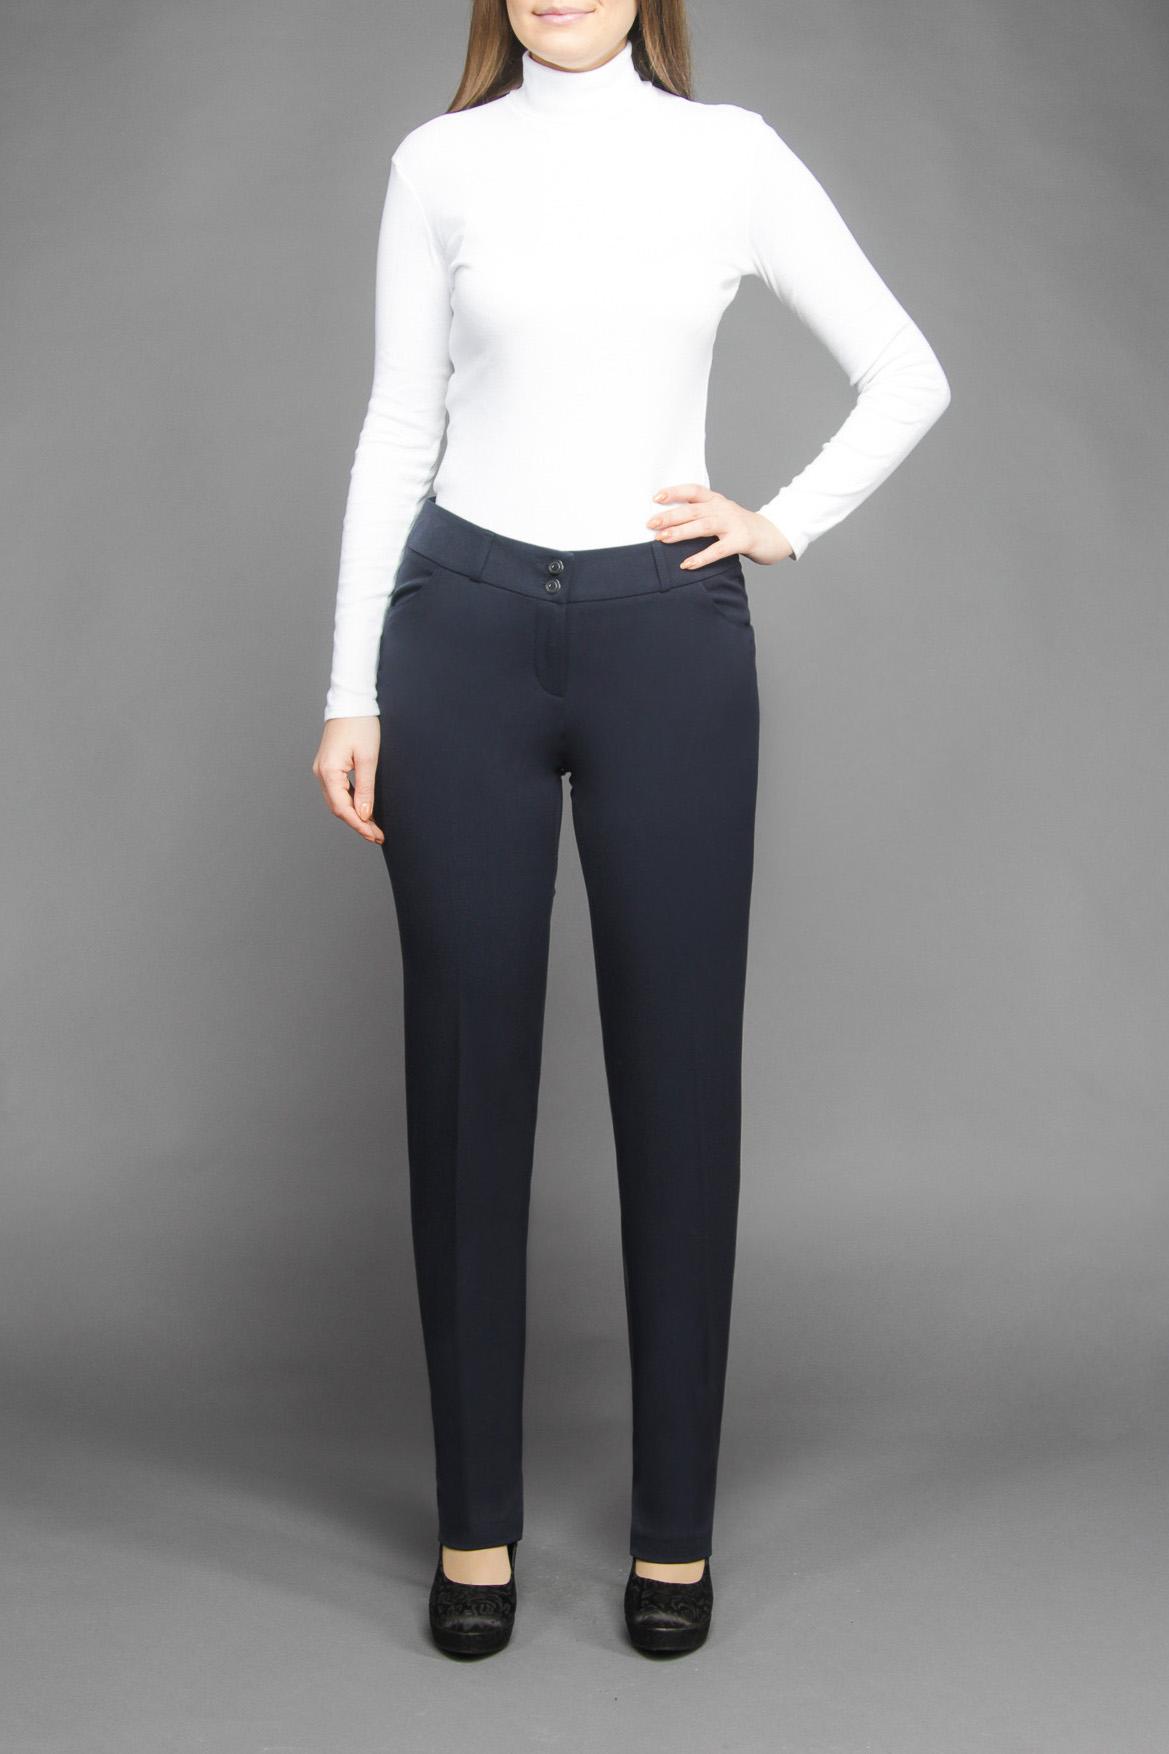 БрюкиБрюки<br>Молодежные прямые узкие женские брюки, на притачном поясе со шлевками. Застежка расположена спереди и закреплена на пуговицу, элегантные небольшие карманы спереди и задние карманы в рамку завершают полный образ данной модели, а аккуратная зауженность по всей длине брюк прекрасно позволяет подчеркнуть стройность ног своей хозяйки.  Цвет: темно-синий  Ростовка изделия 170 см.<br><br>По материалу: Тканевые<br>По рисунку: Однотонные<br>По силуэту: Полуприталенные<br>По стилю: Классический стиль,Офисный стиль,Повседневный стиль<br>По форме: Классические<br>По сезону: Осень,Весна,Зима<br>Размер : 42,44,48,50,52,54<br>Материал: Костюмная ткань<br>Количество в наличии: 7